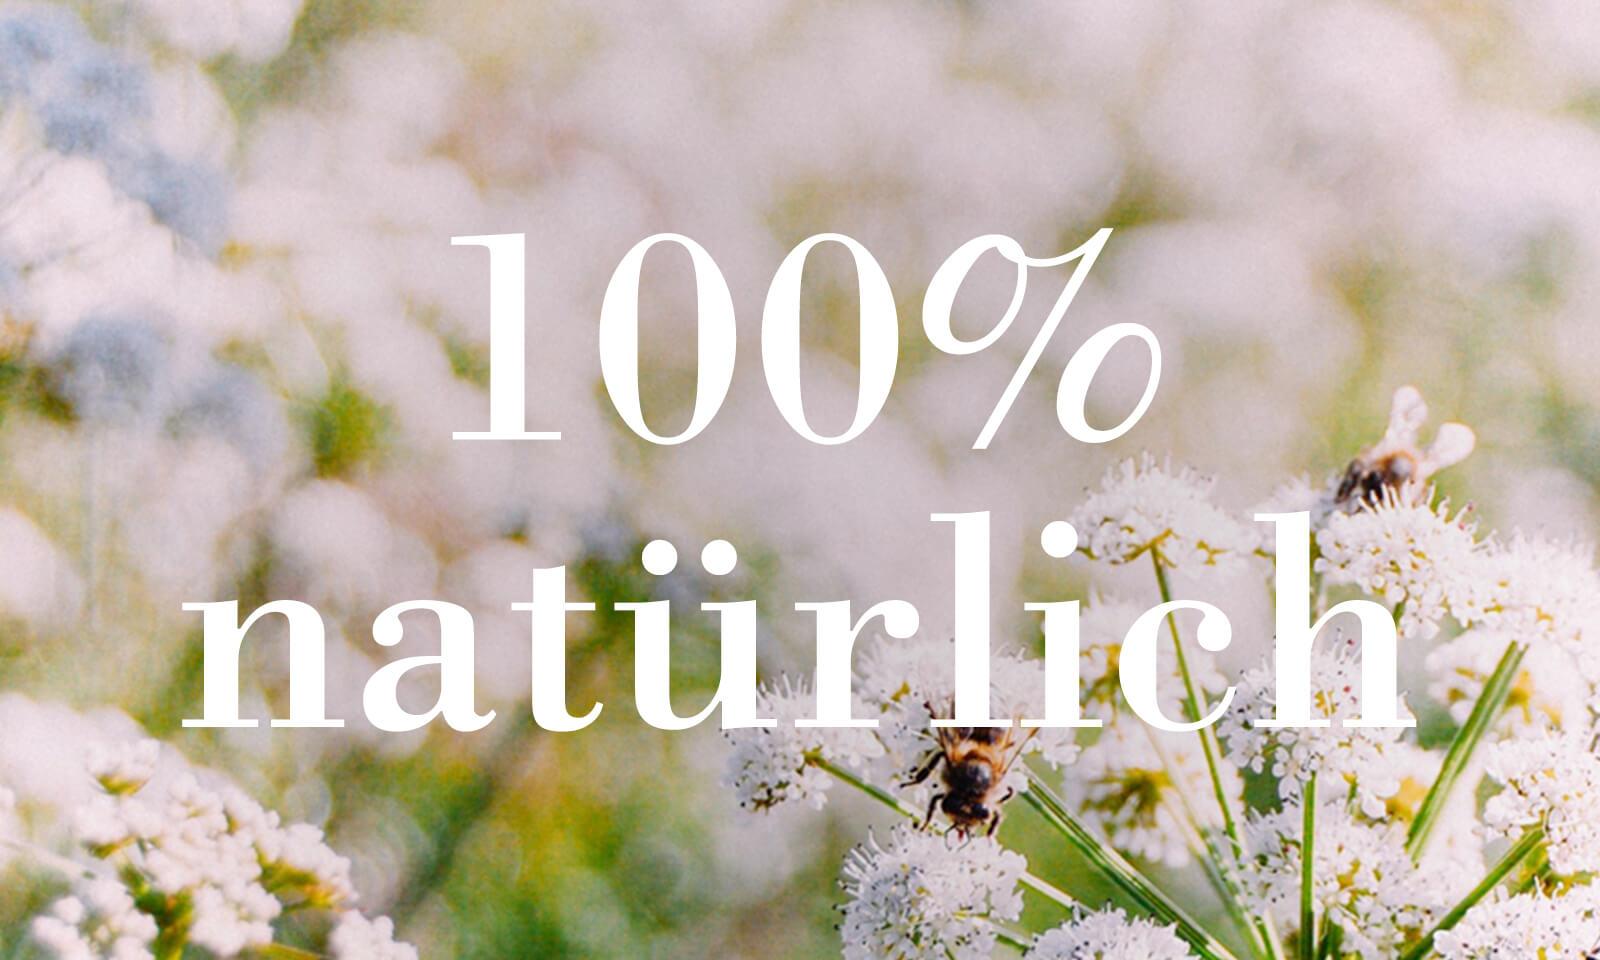 Alles für uns lebensnotwendige ist natürlichen Ursprungs.